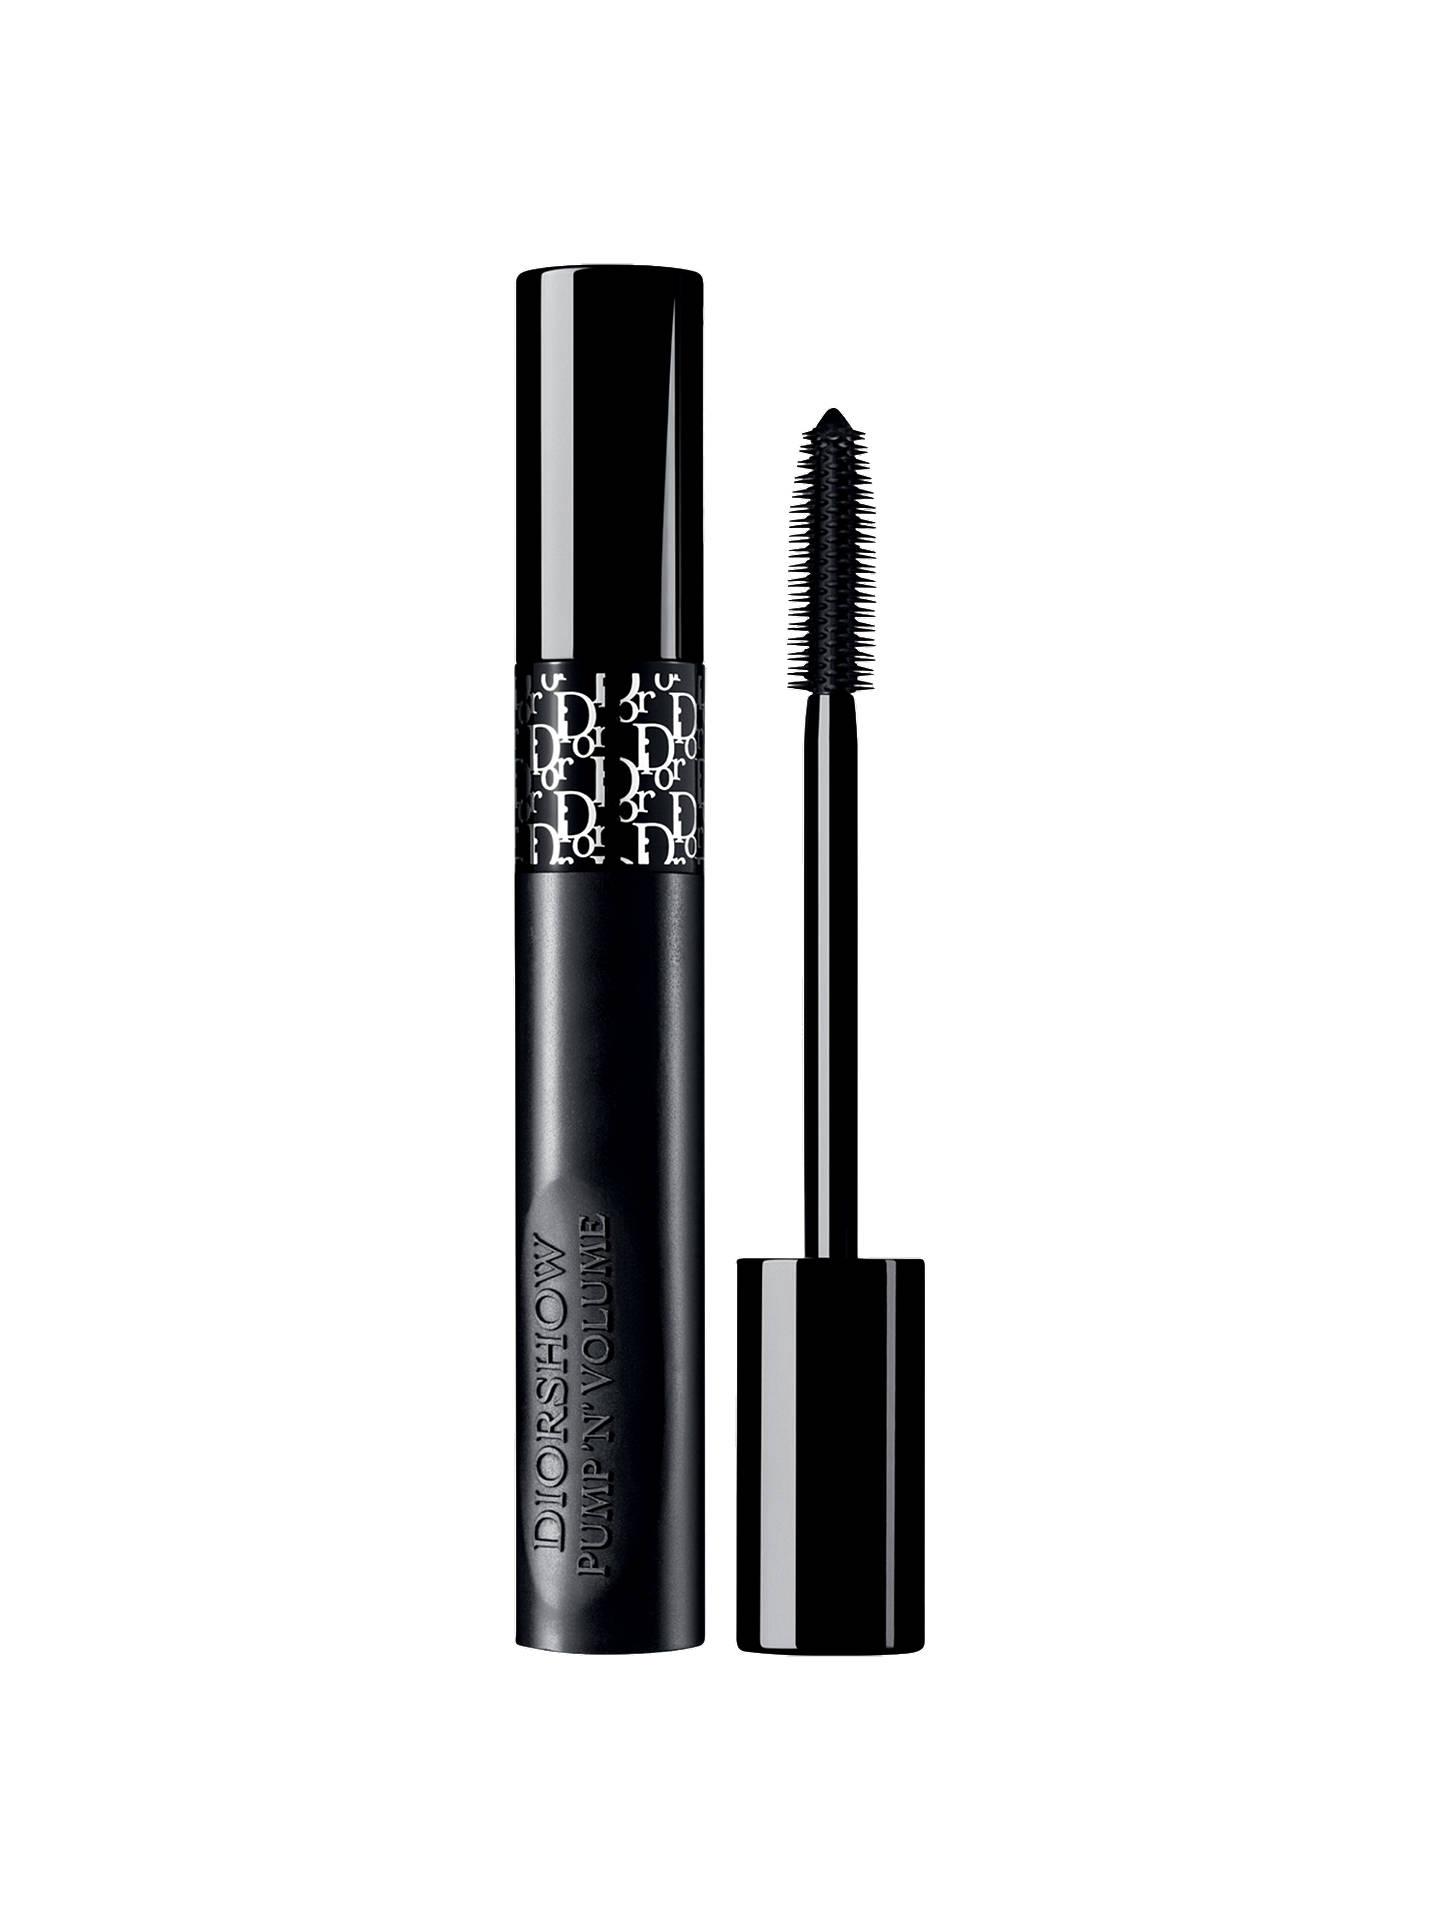 5463fbc9 Dior Diorshow Pump 'N' Volume Mascara, Black 090